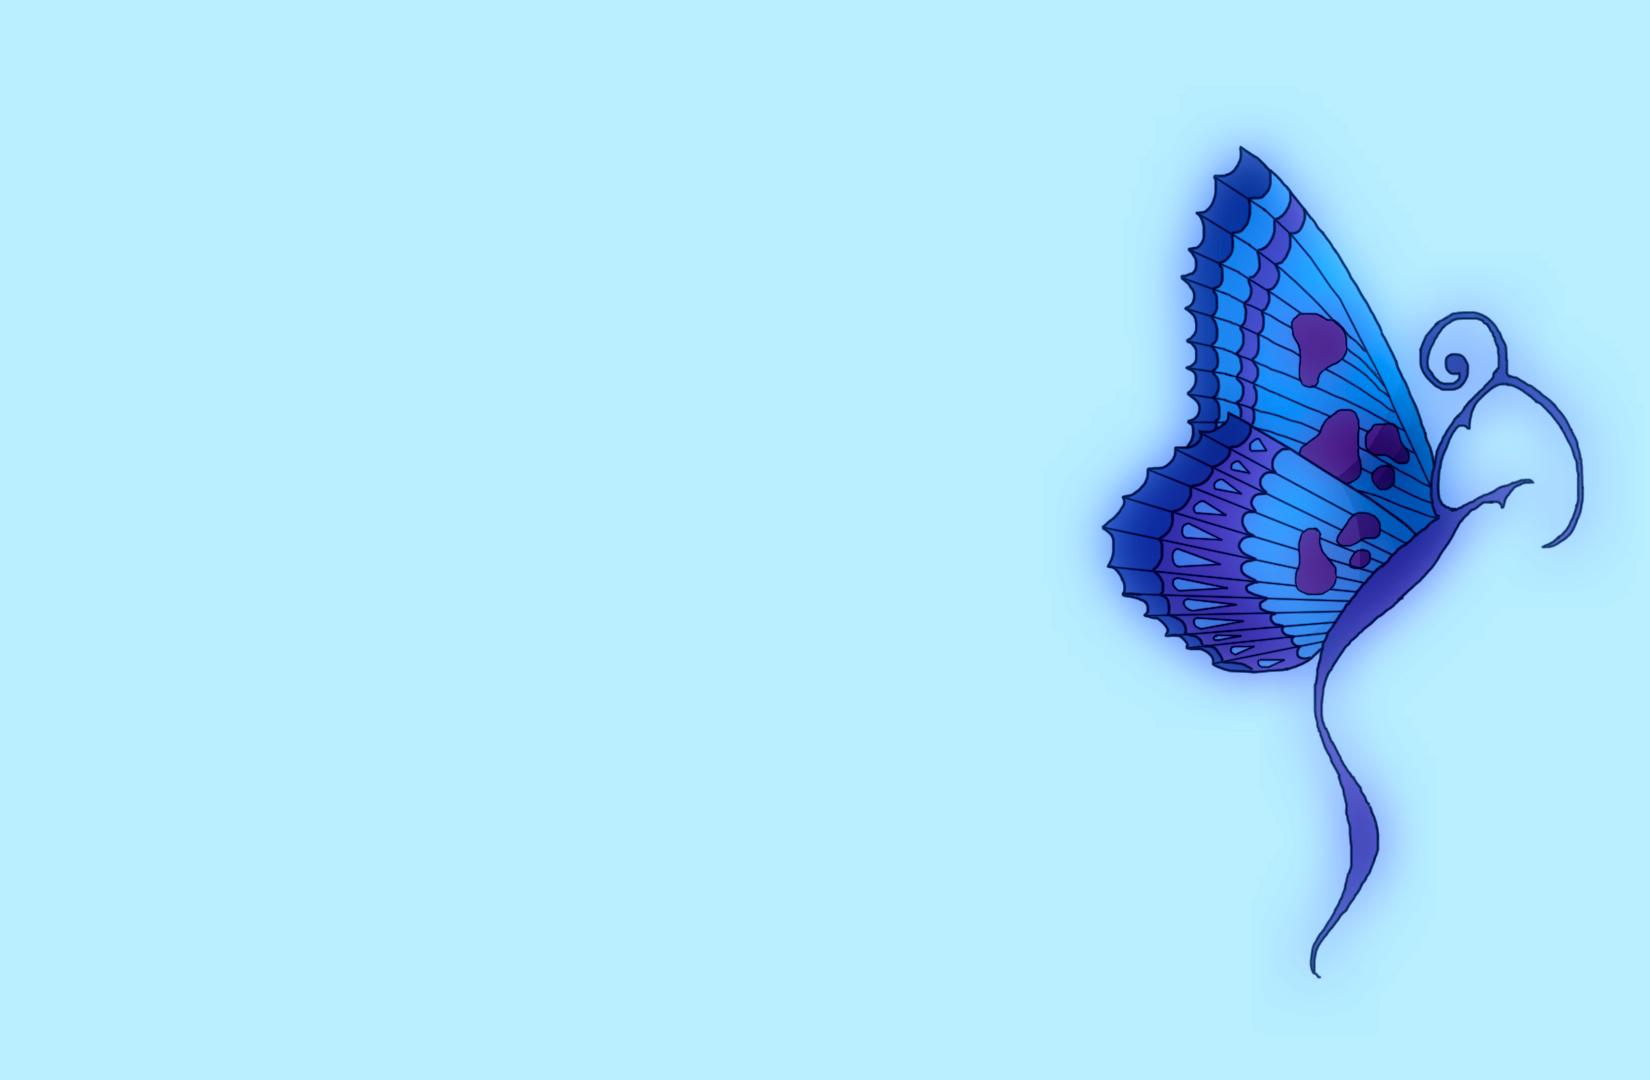 Butterfly Wallpaper hd Blue Butterfly Wallpaper 1650x1080